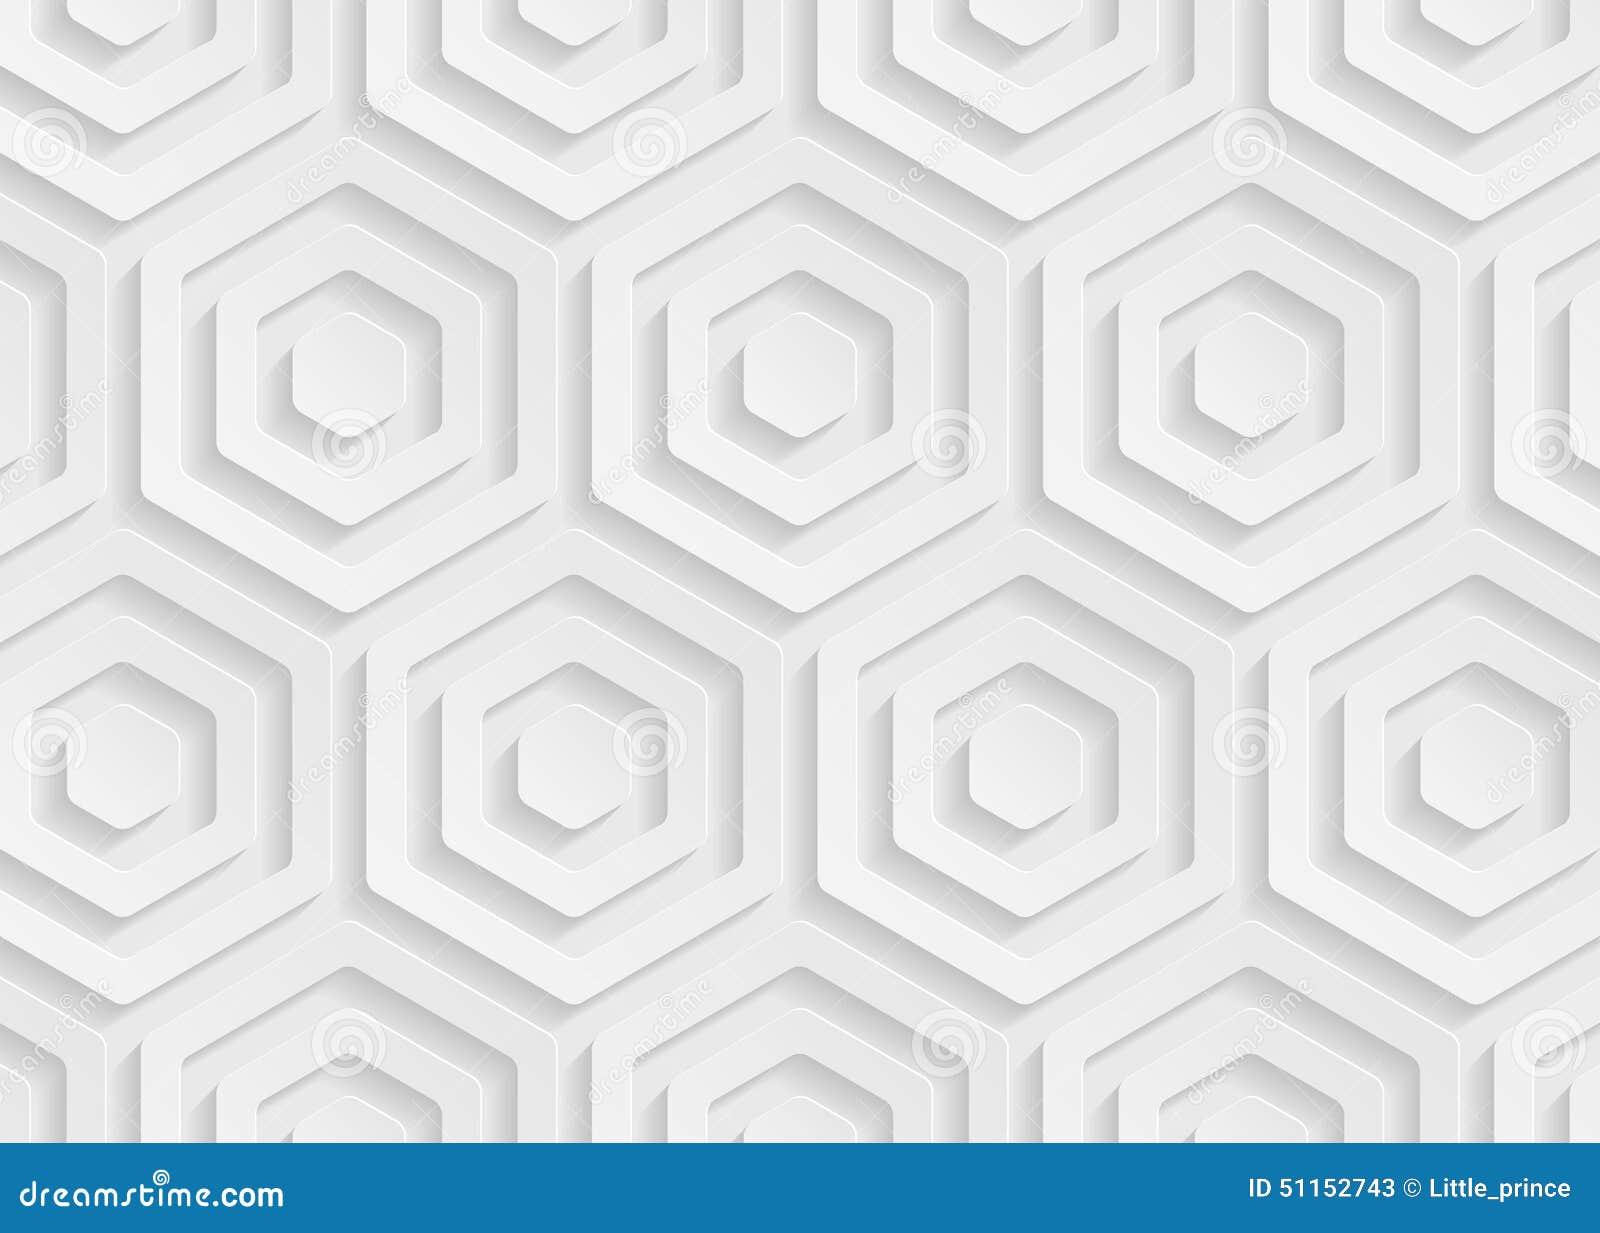 Modele De Livre Blanc Calibre Abstrait Fond Pour Le Site Web Banniere Carte Visite Professionnelle Invitation Postale